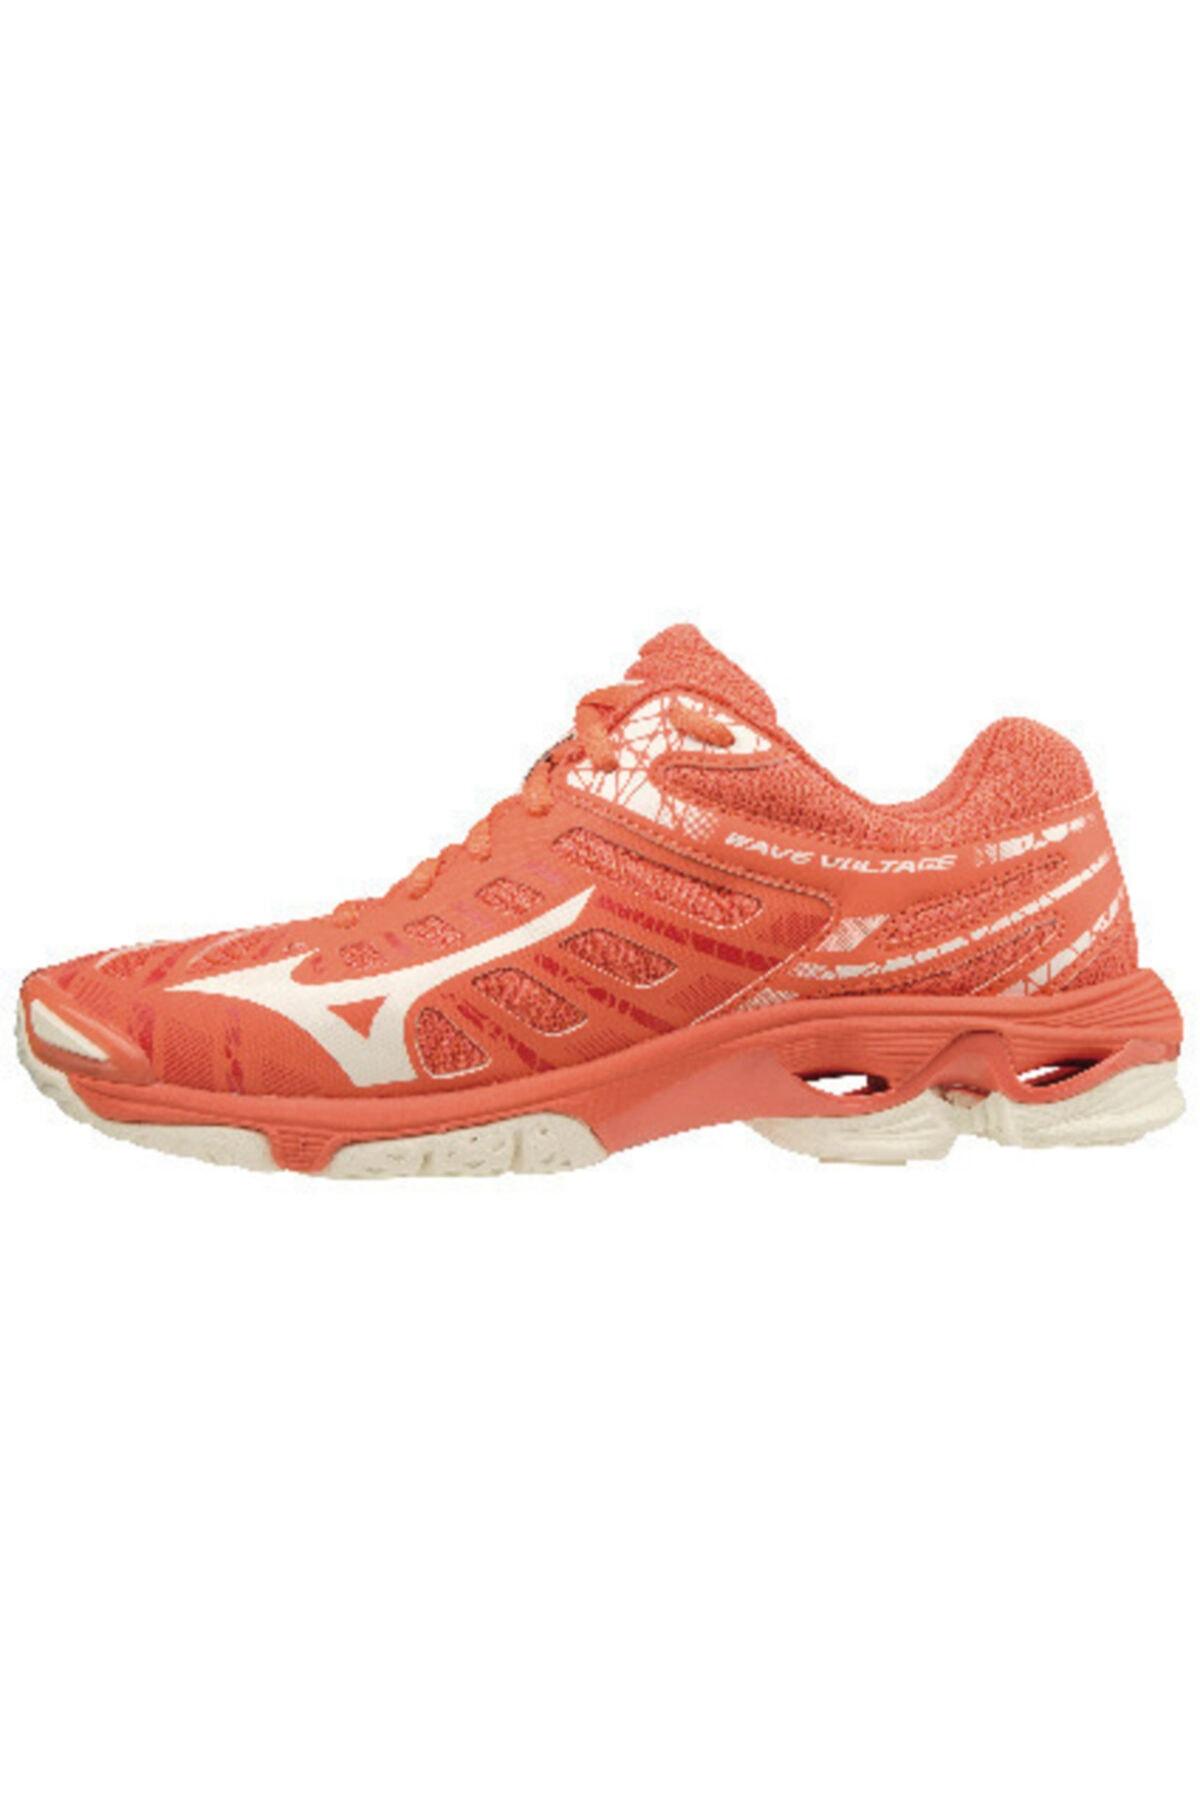 MIZUNO Wave Voltage Kadın Voleybol Ayakkabısı Mercan 1